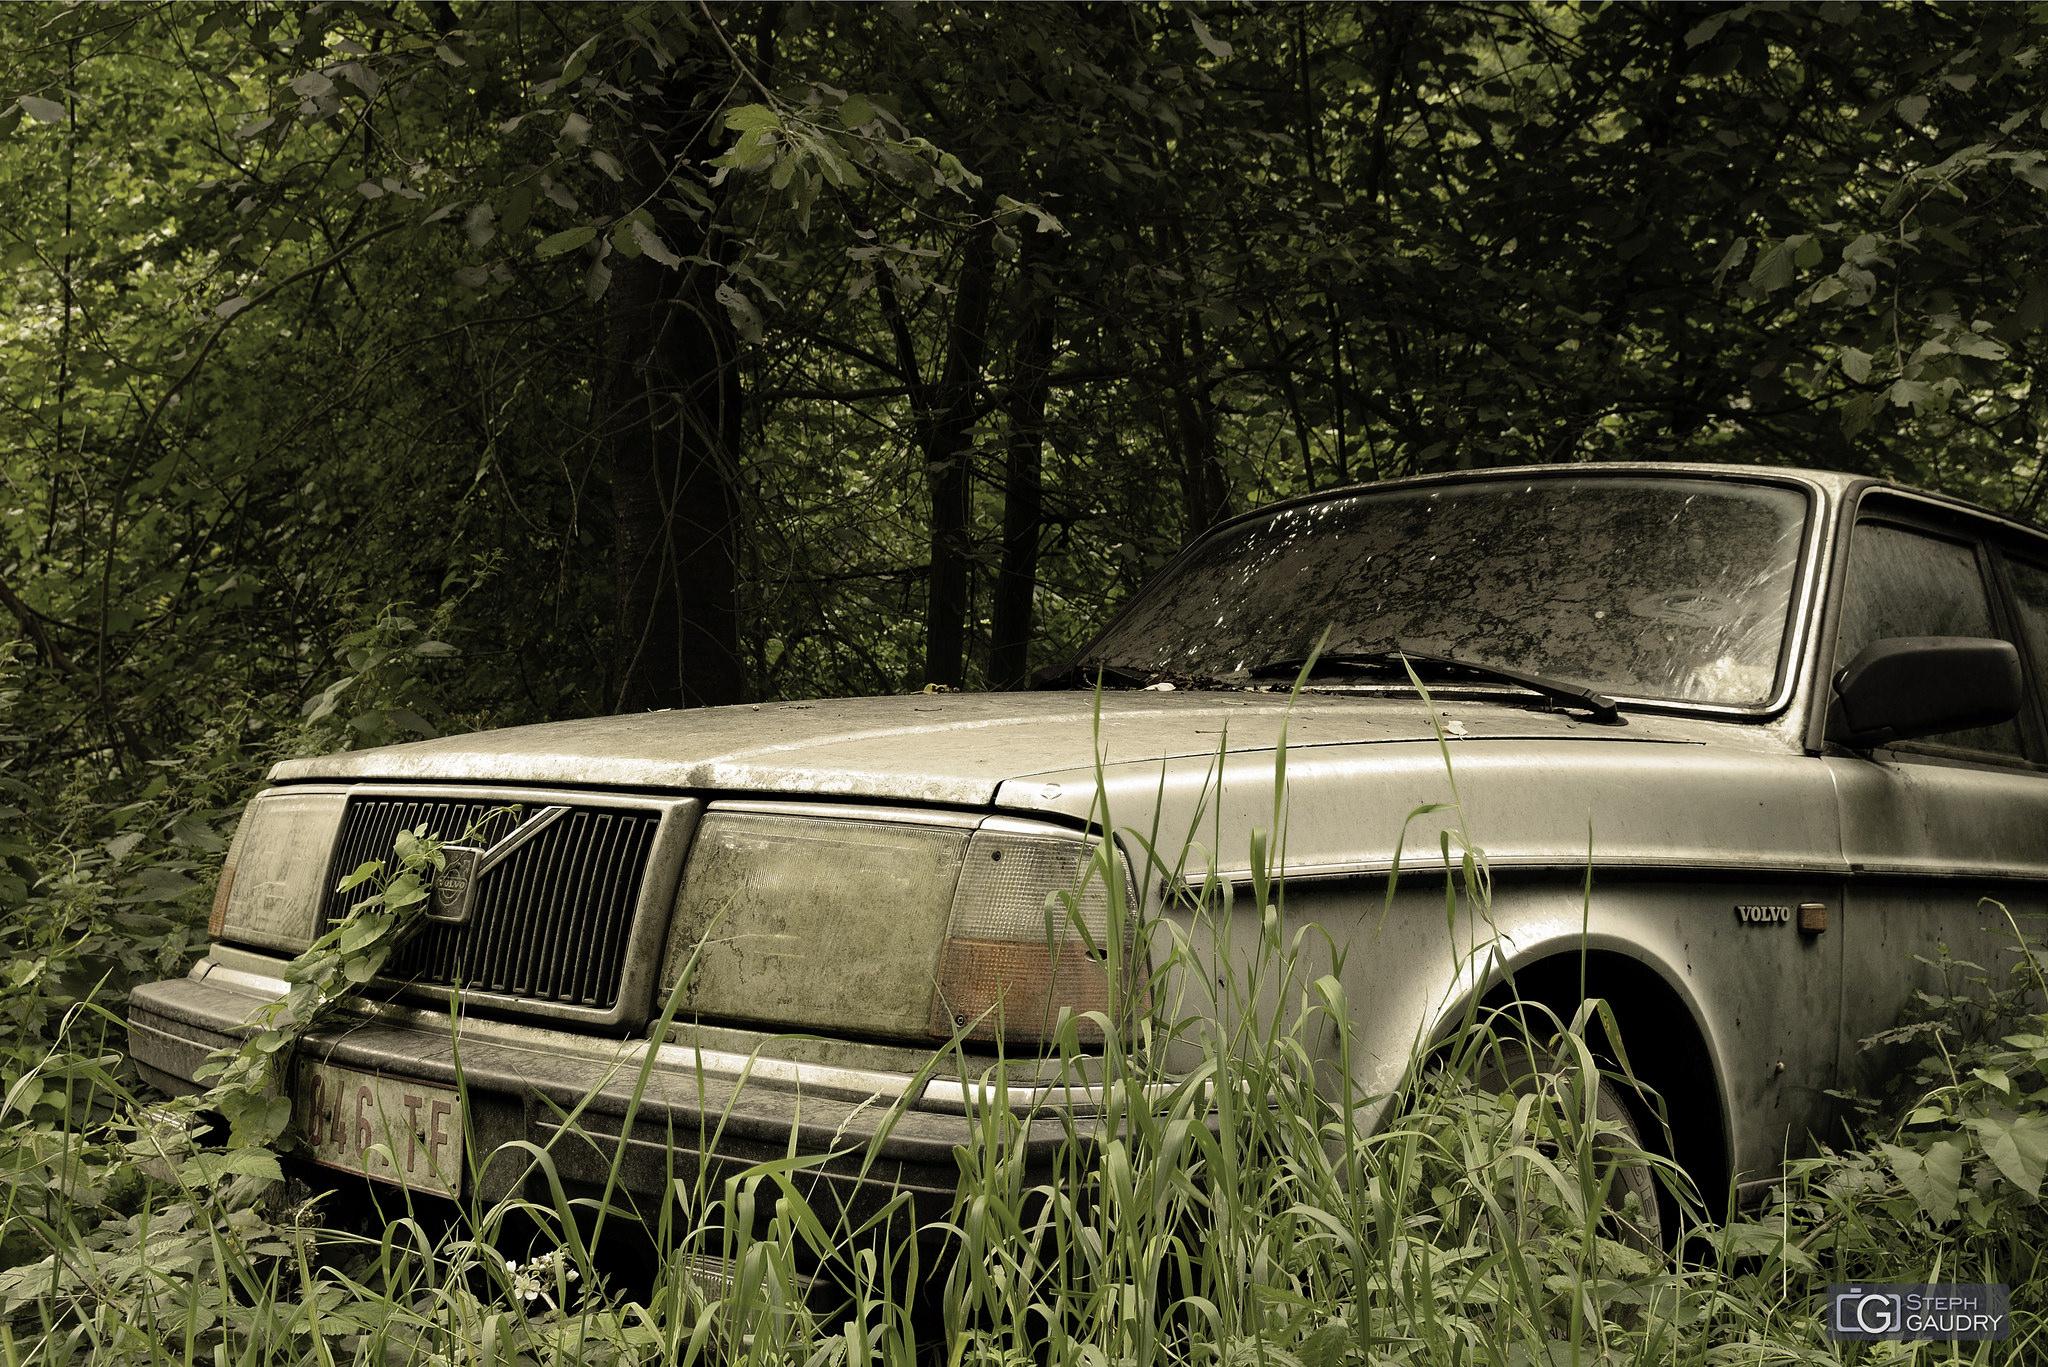 Volvo, retour à la nature [Cliquez pour lancer le diaporama]